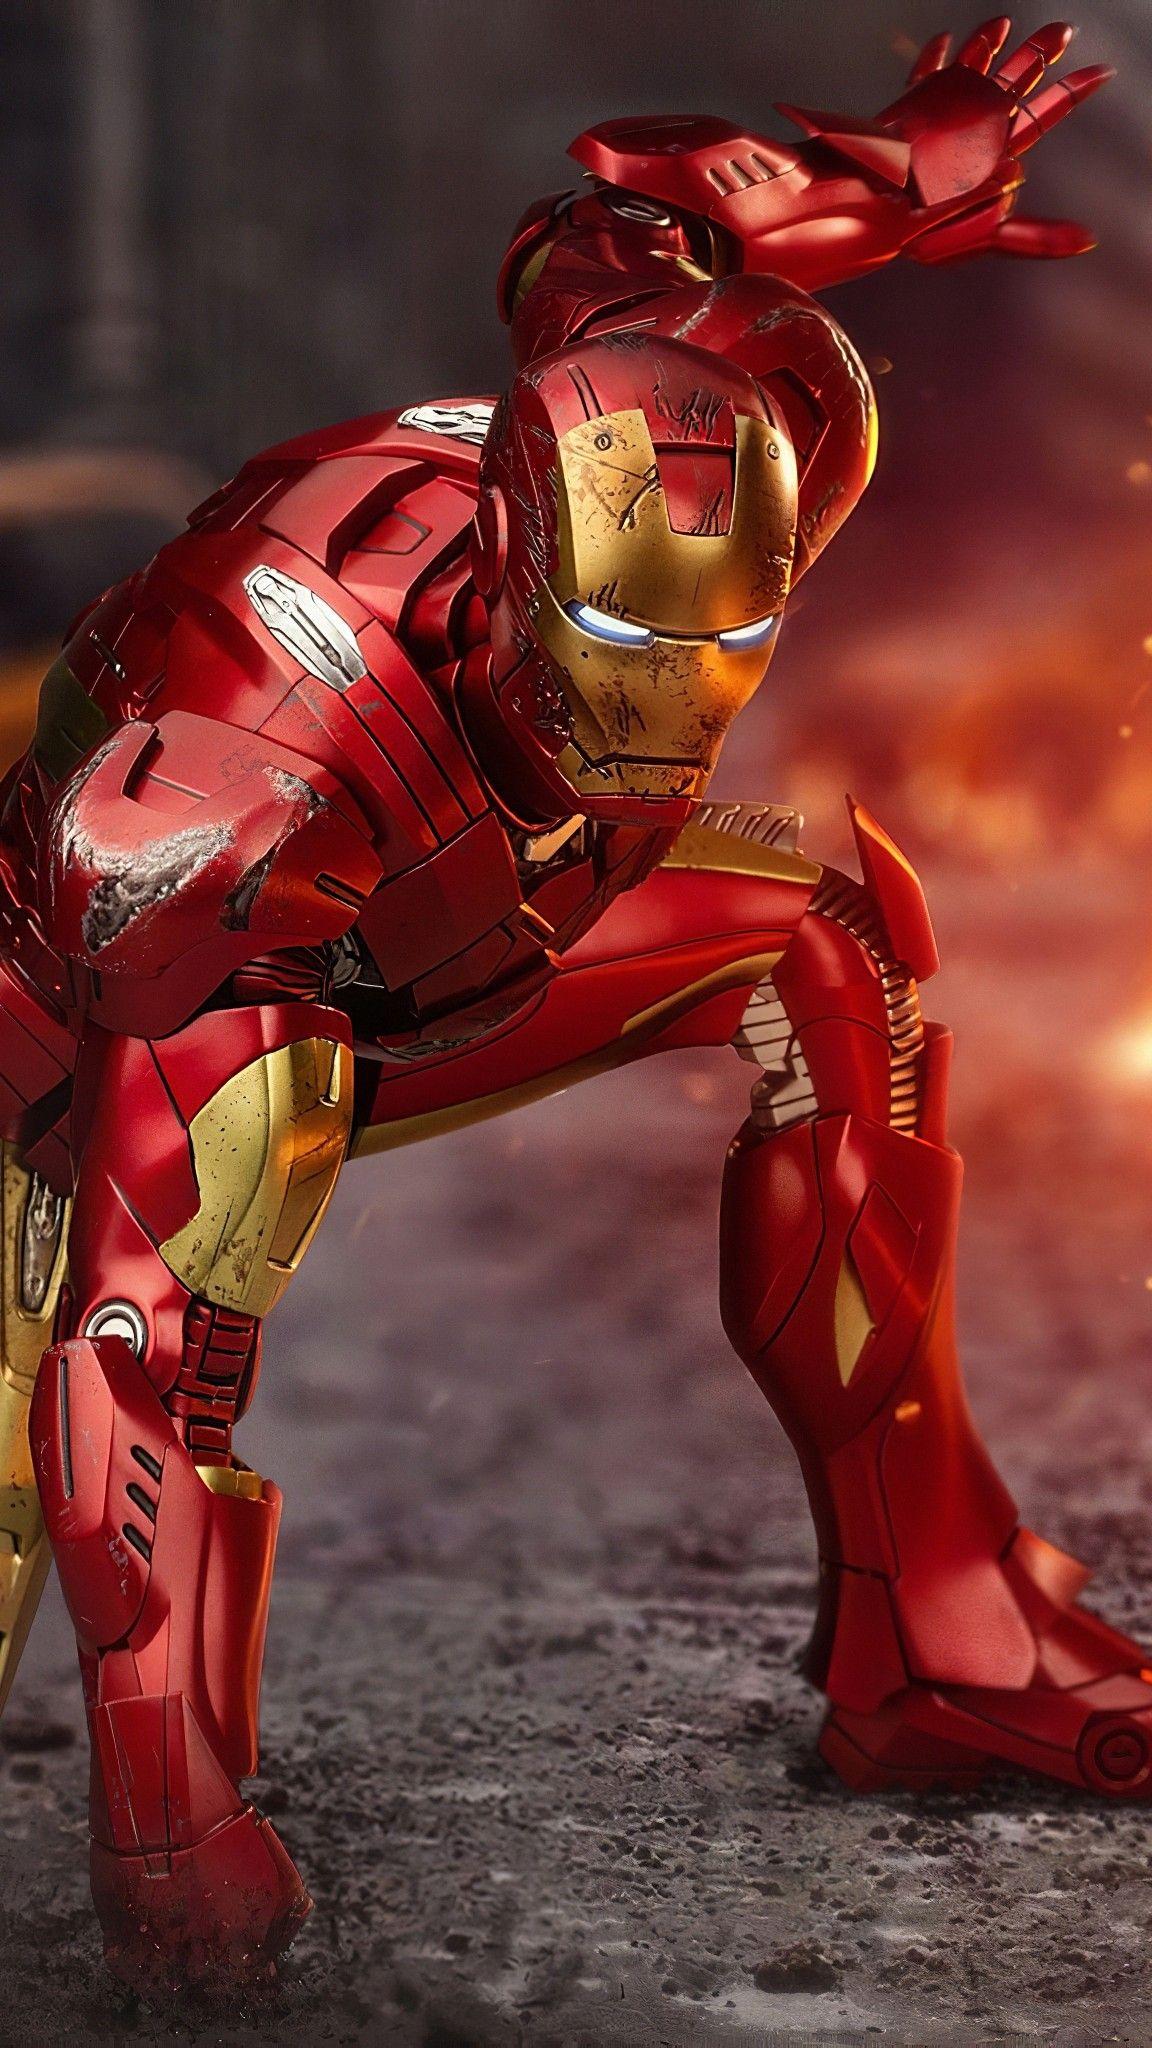 Iron Man Tony Stark Iron Man Hd Wallpaper Iron Man Wallpaper Iron Man Art